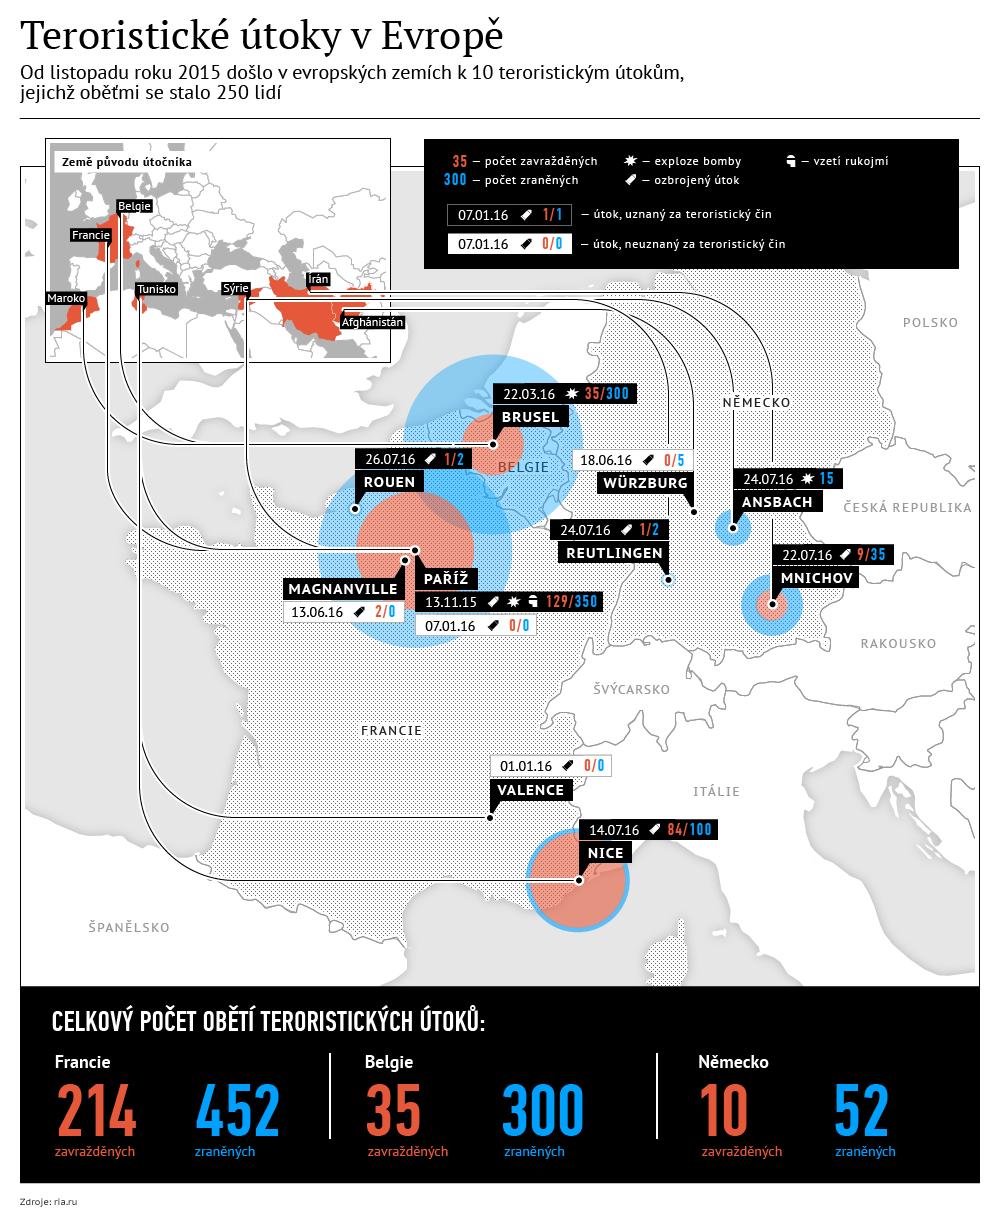 Teroristické útoky v Evropě